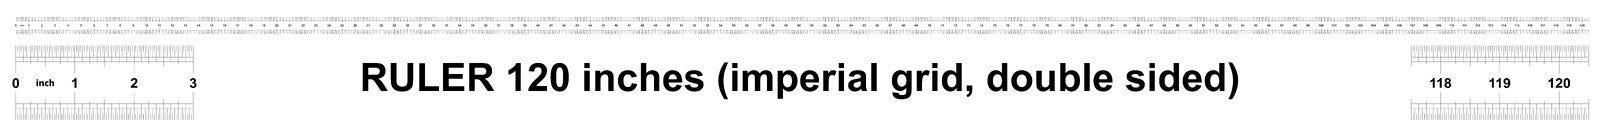 Правитель 120 дюймов имперский Цена разделения 1/32 дюймов Двойник правителя встал на сторону Точный измеряя инструмент Решетка т бесплатная иллюстрация